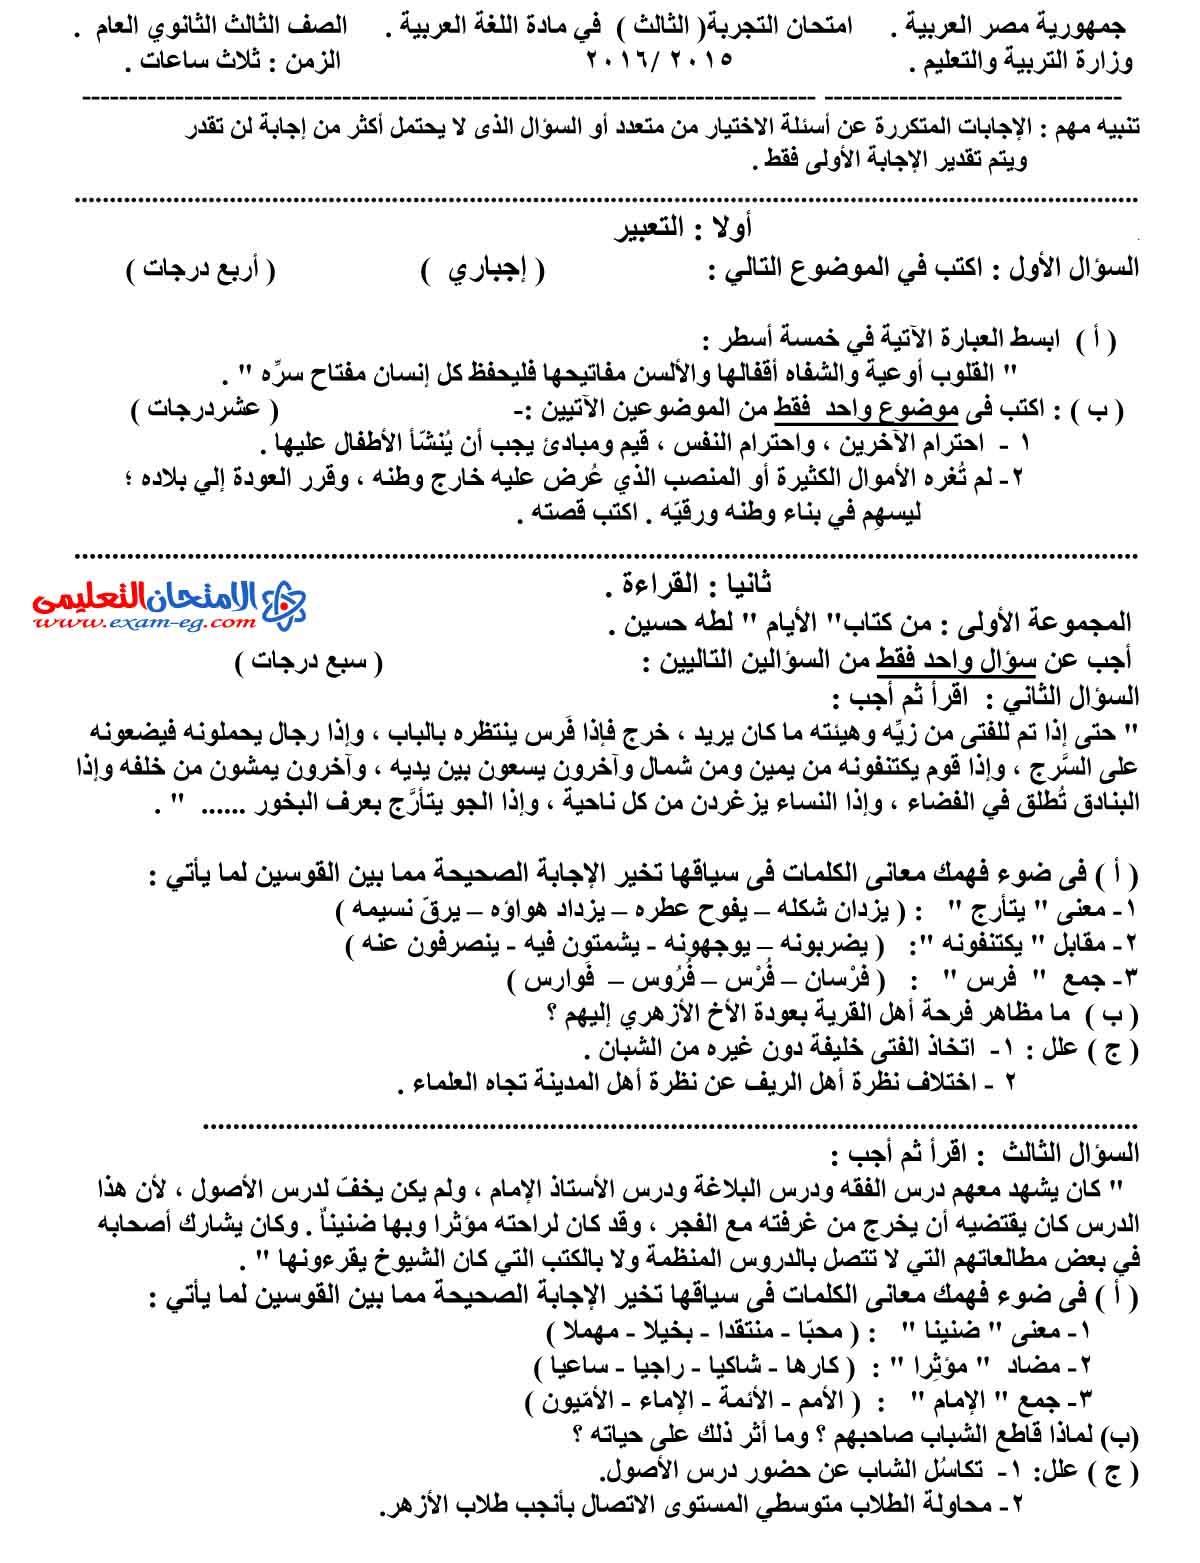 امتحان اللغة العربية 3 - مدرسة اون لاين (1)